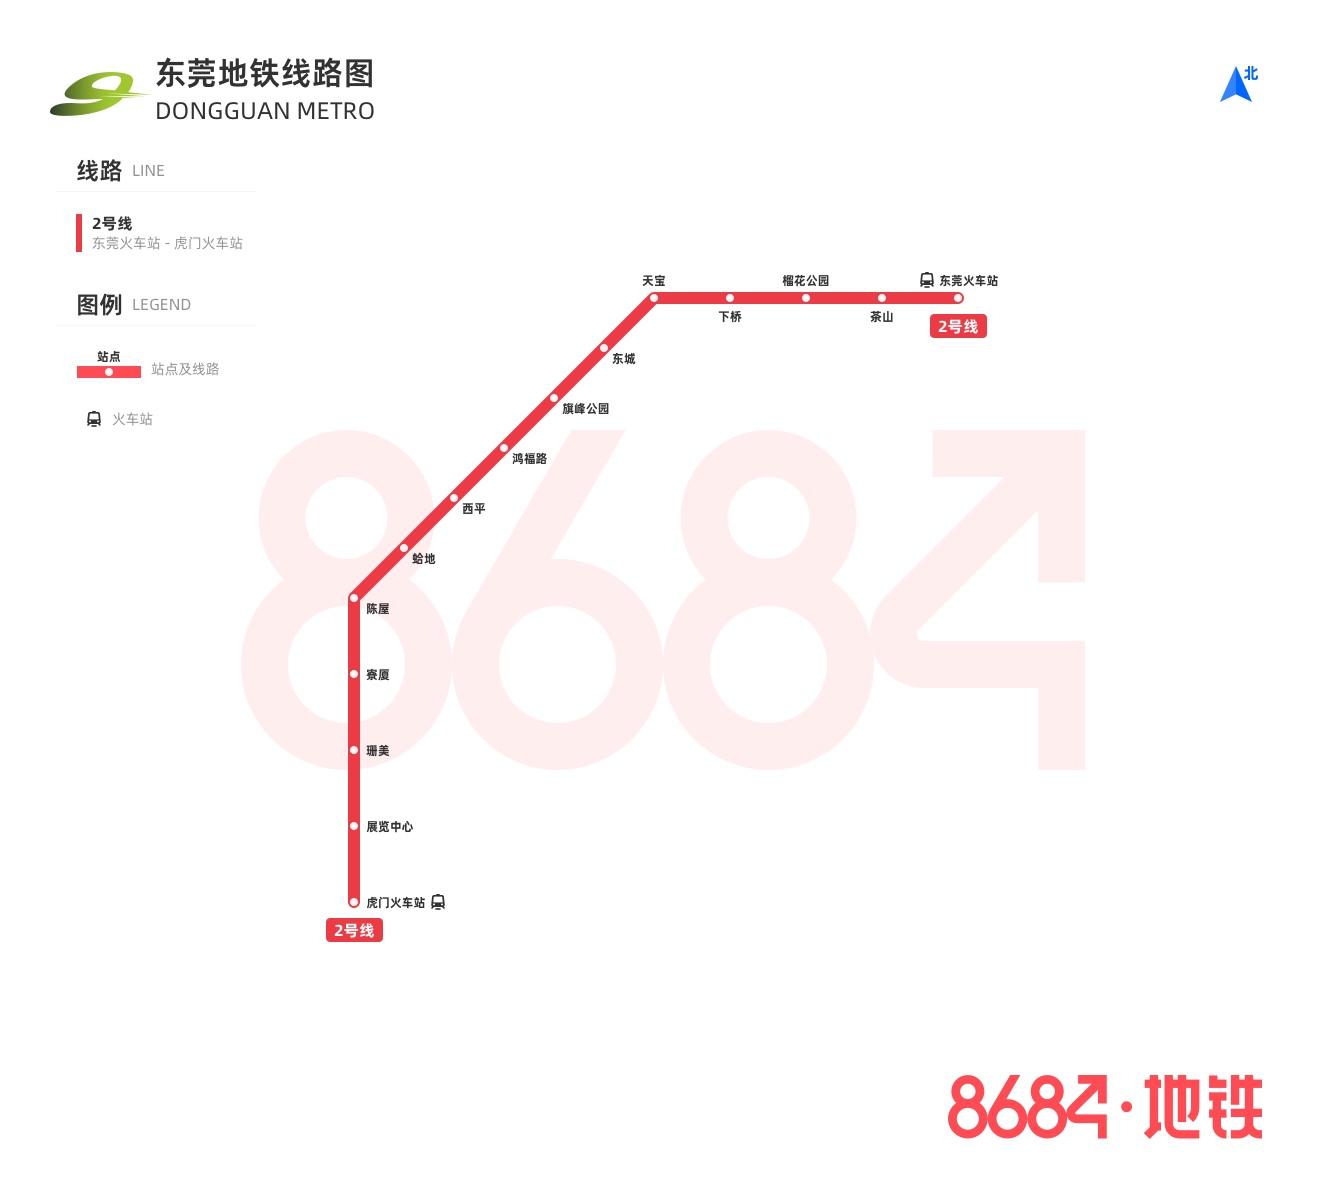 香港地铁换乘查询_东莞地铁线路图新版_东莞地铁图_东莞地铁线路